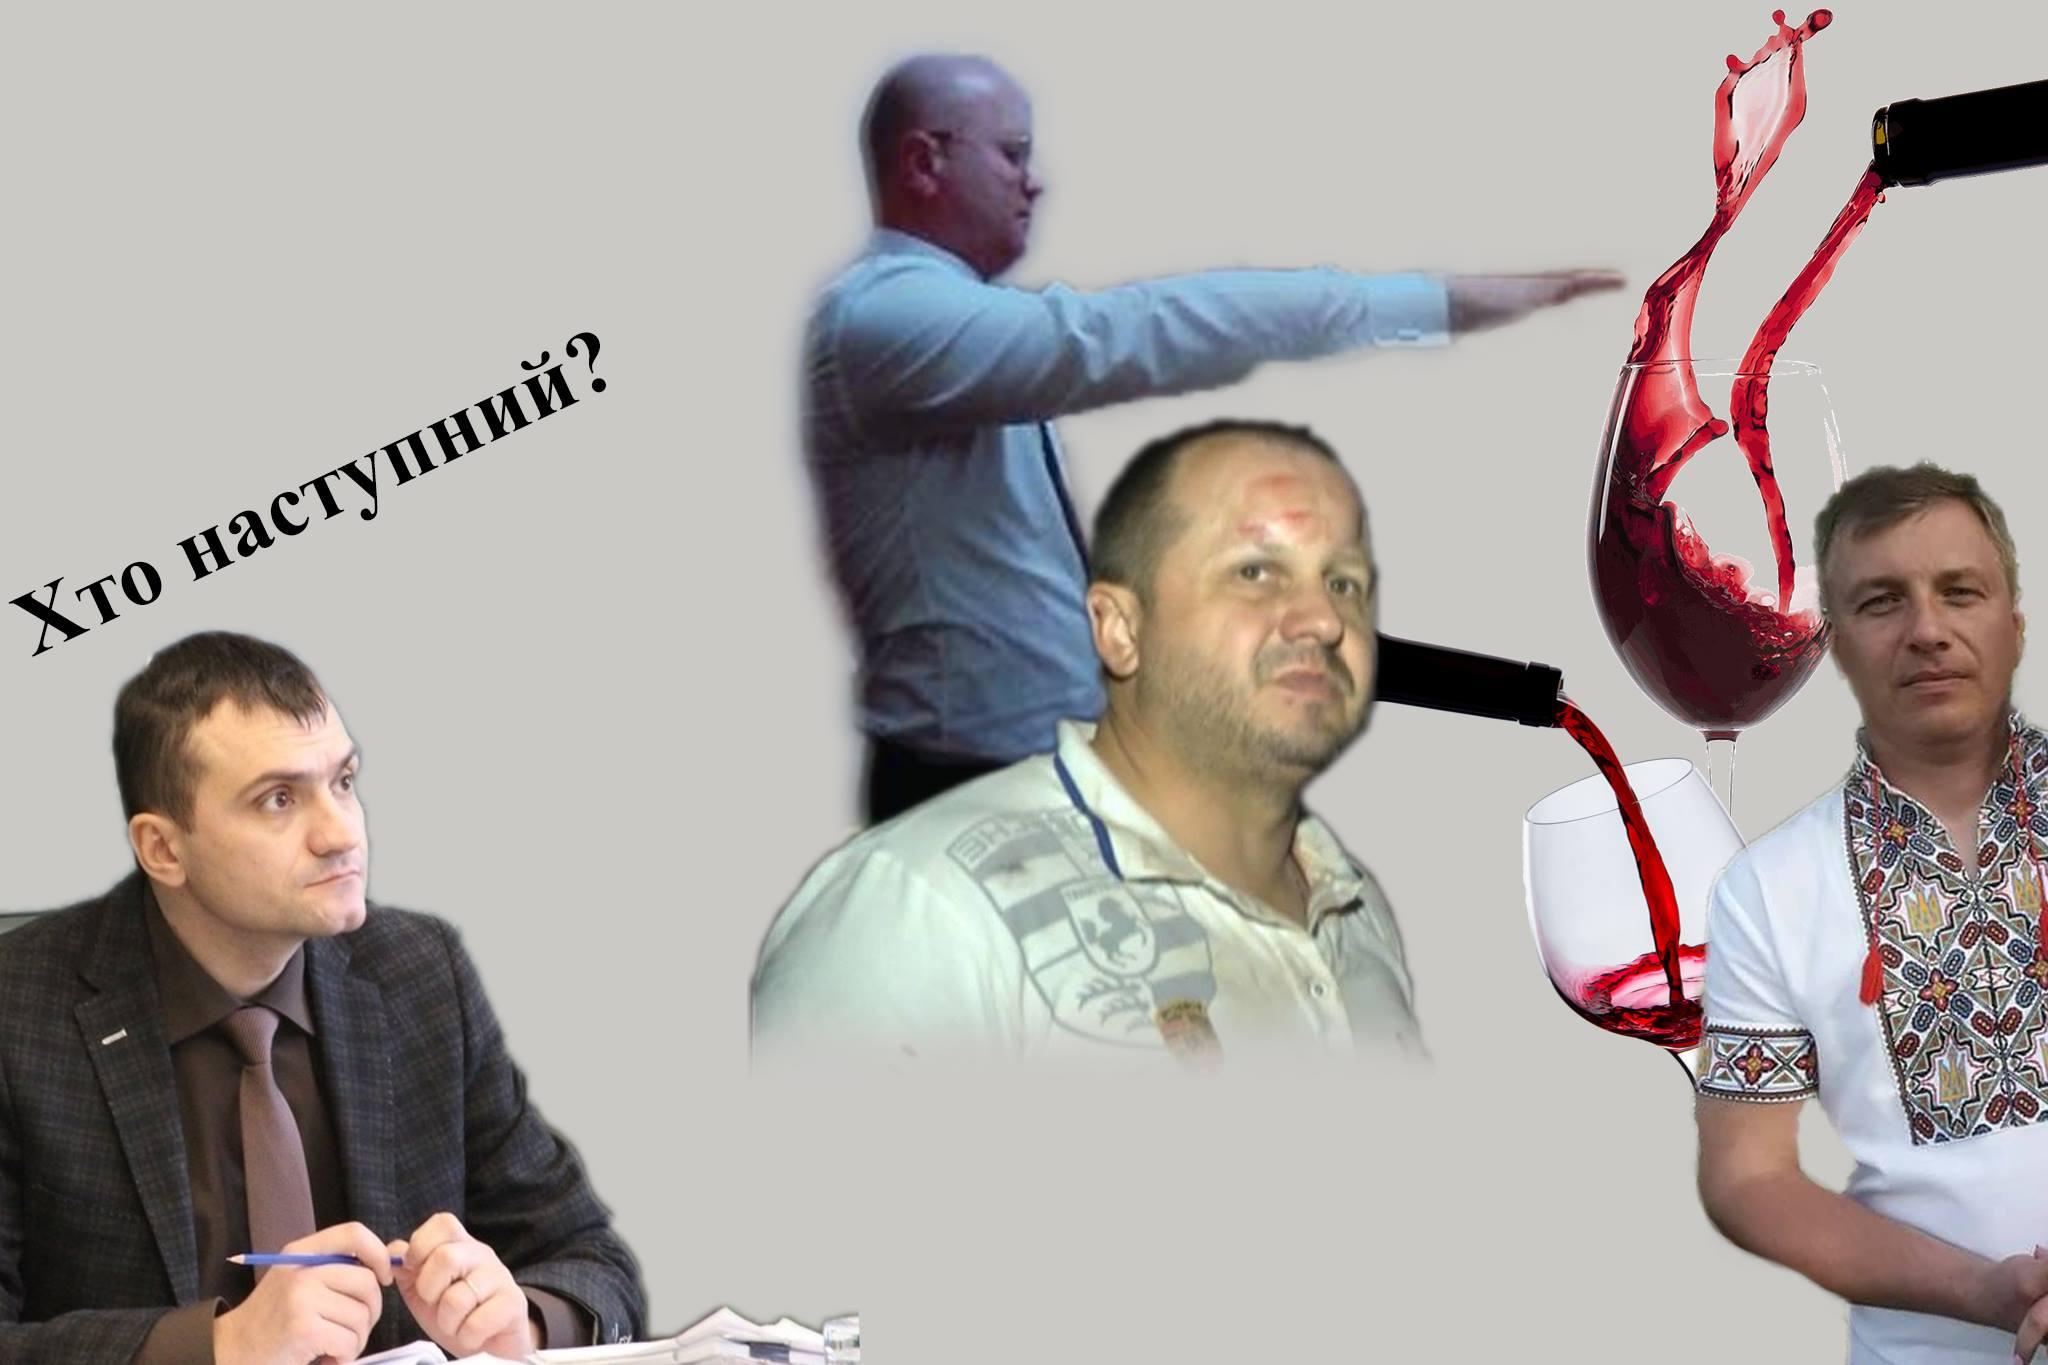 П'яні міські чиновники за кермом: загальний портрет команди мера Хмельницького чи винятки?